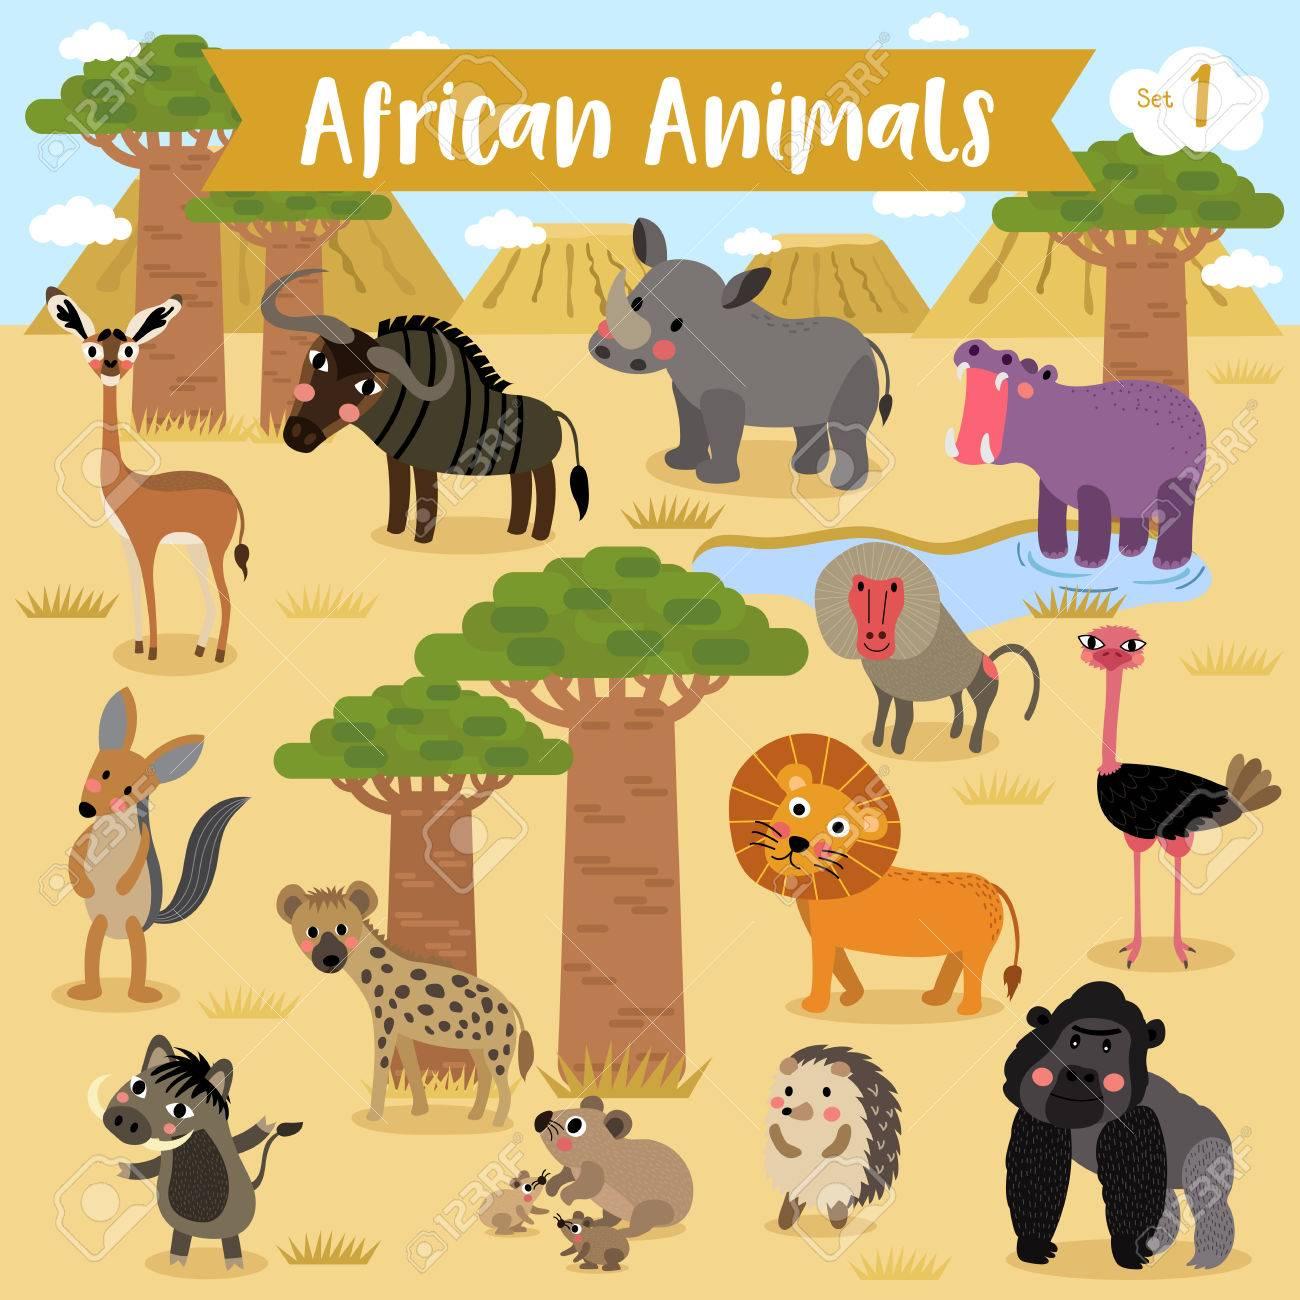 Animales Africanos De Dibujos Animados Con áfrica Paisaje De Fondo Ilustración Vectorial Serie 1 Ilustraciones Vectoriales Clip Art Vectorizado Libre De Derechos Image 74642308